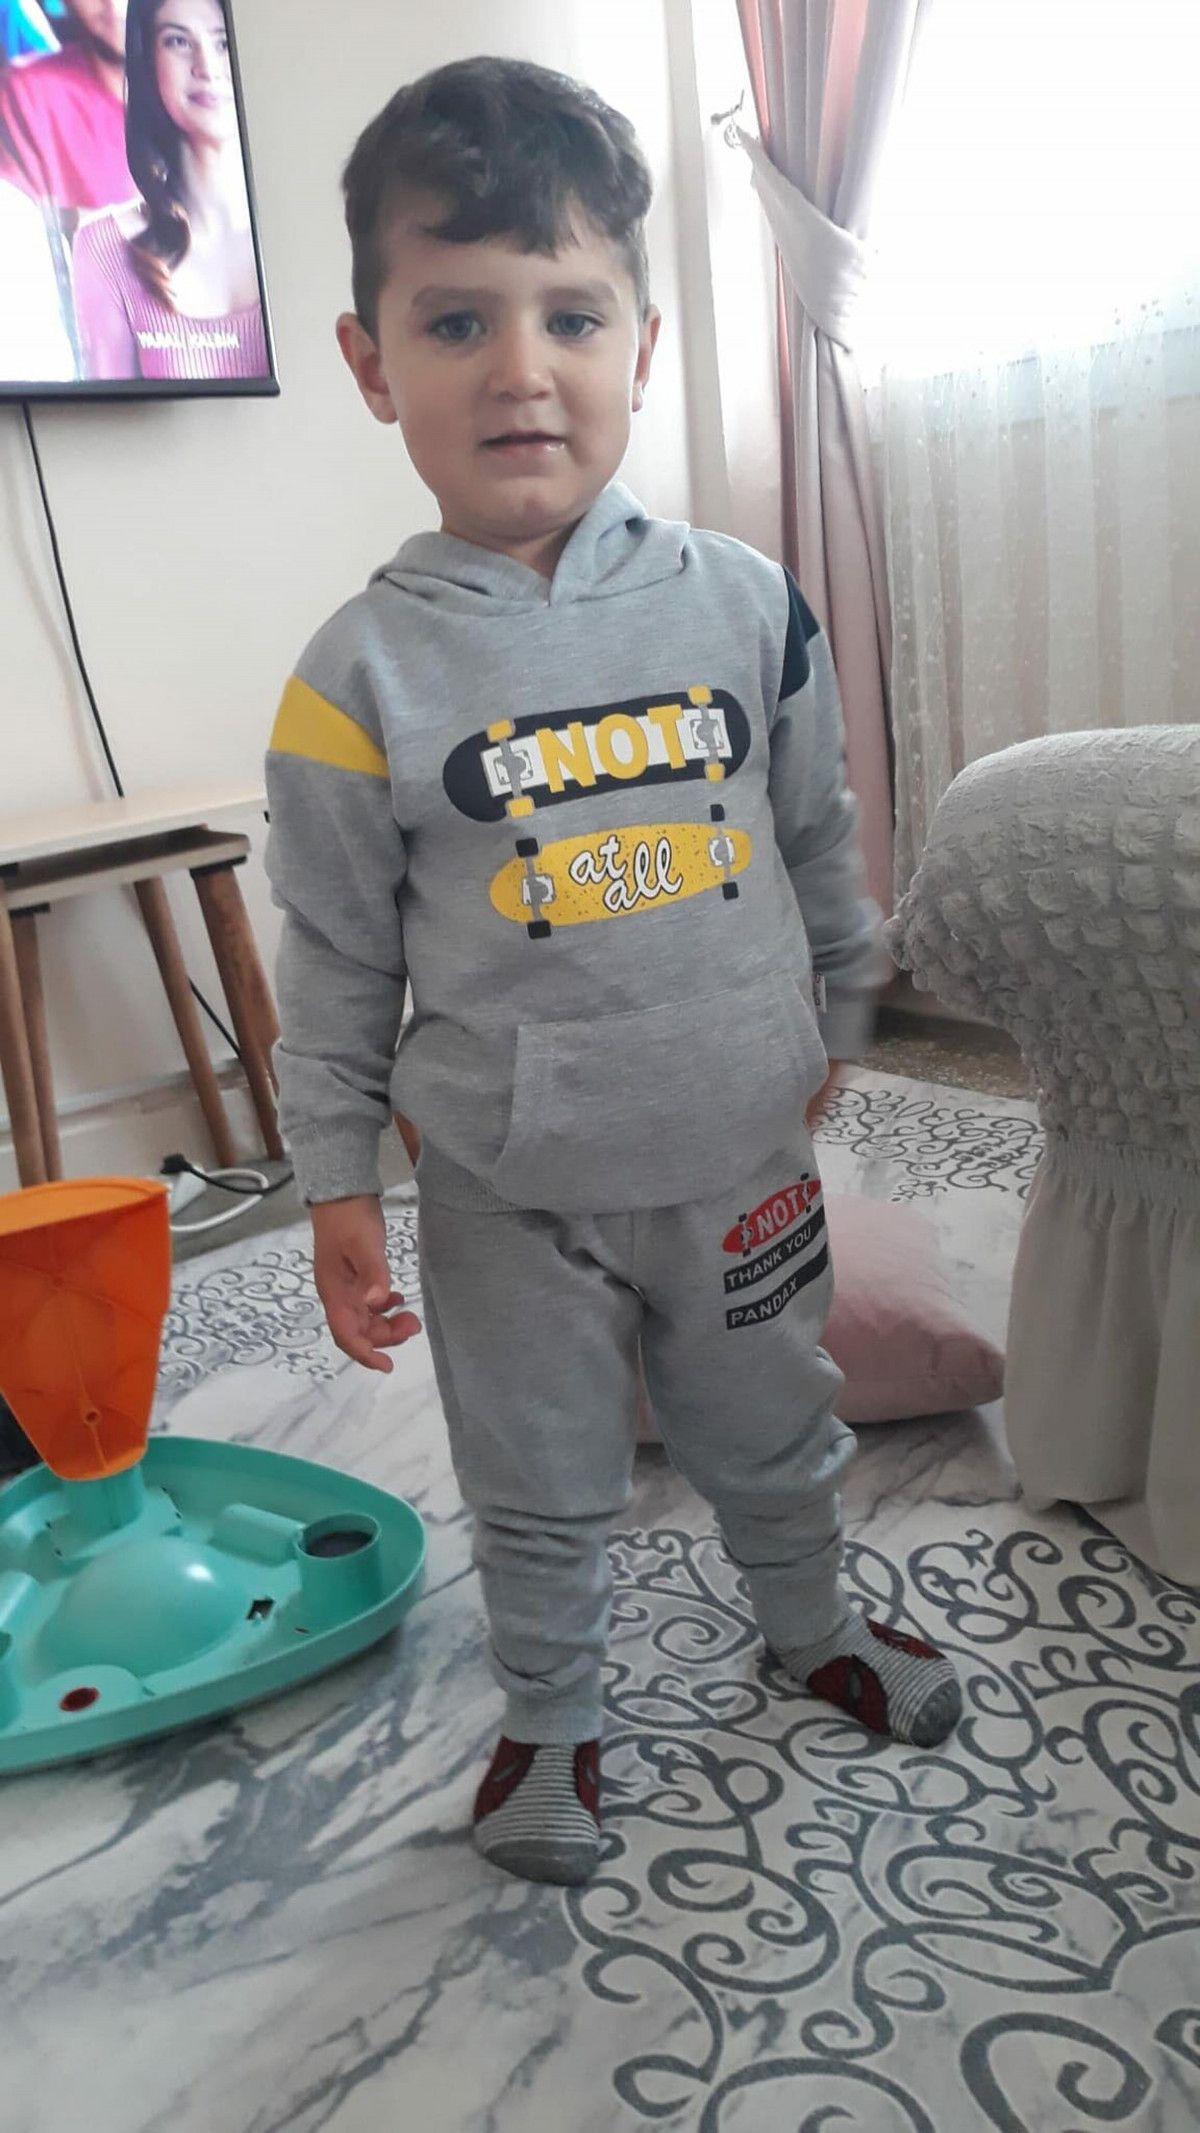 İzmir de ehliyetsiz sürücünün çarptığı 2 yaşındaki Emirhan kusurlu bulundu #2